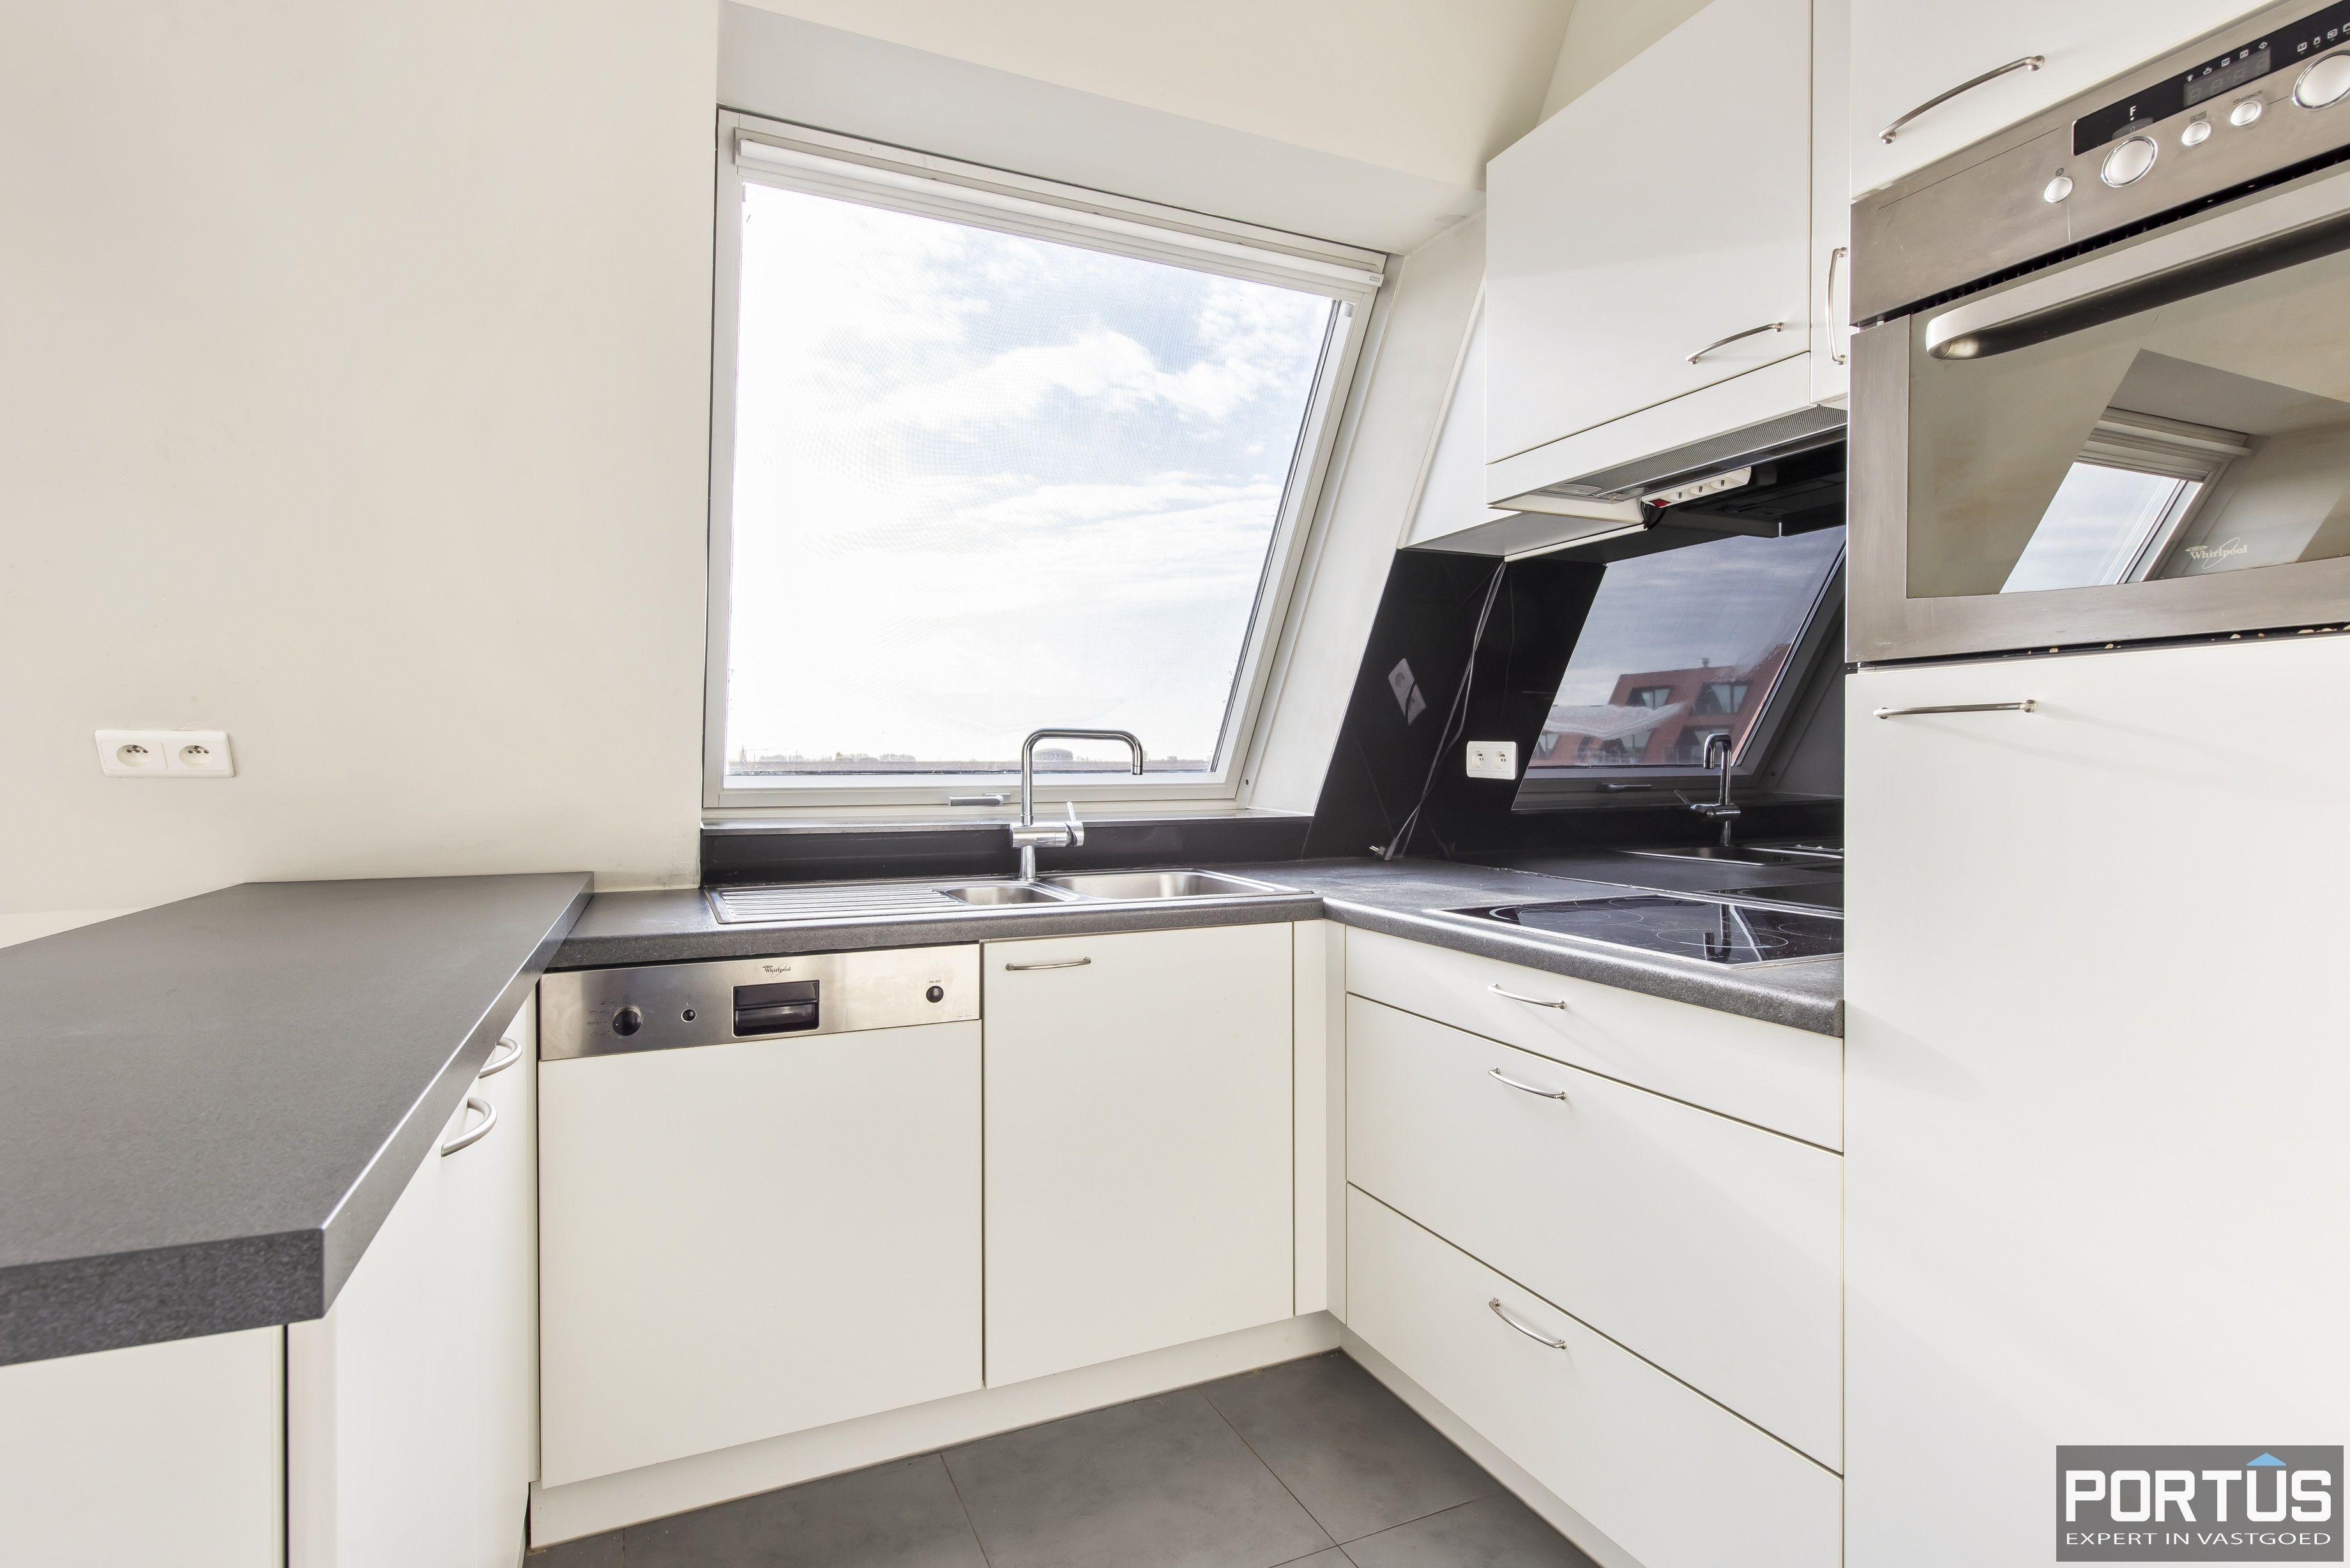 Instapklaar zongericht appartement met 2 slaapkamers te koop in Nieuwpoort - 10015